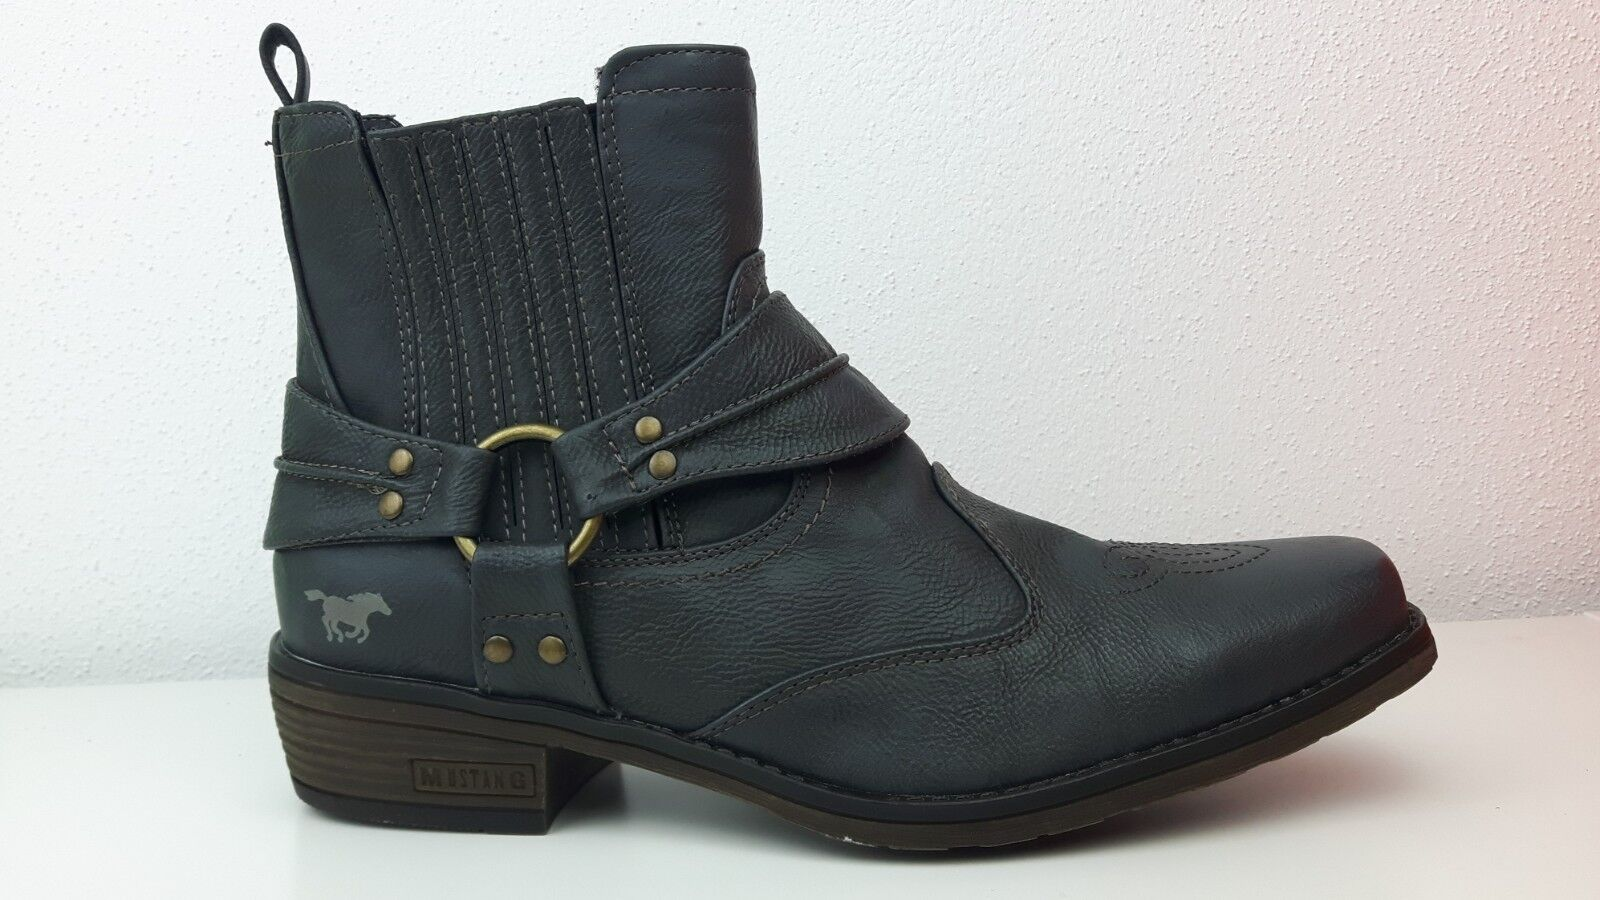 4116-501-259 Mustang Herren Schuh Cowboystiefel Graphit Biker-Stiefel Boots